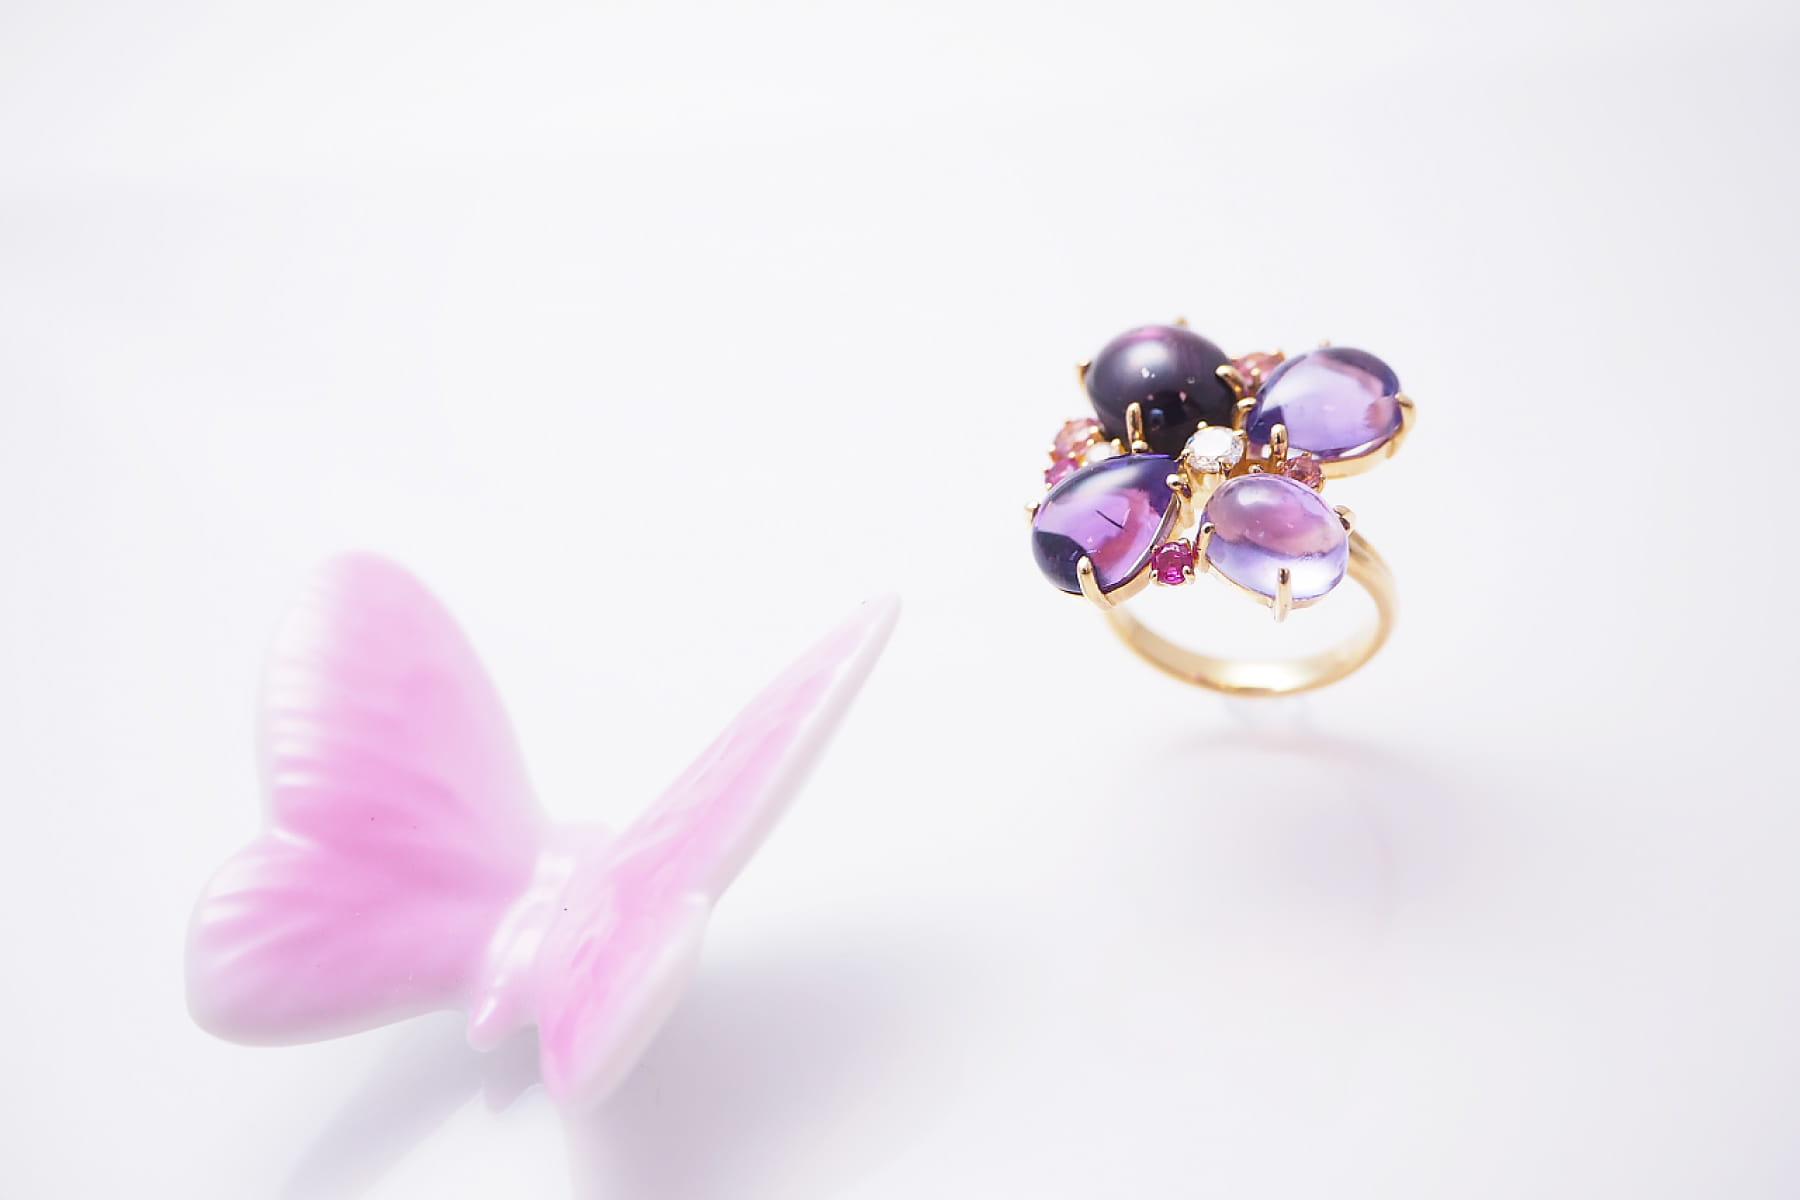 日本堂「宝石を作るとは」ヒーローイメージ